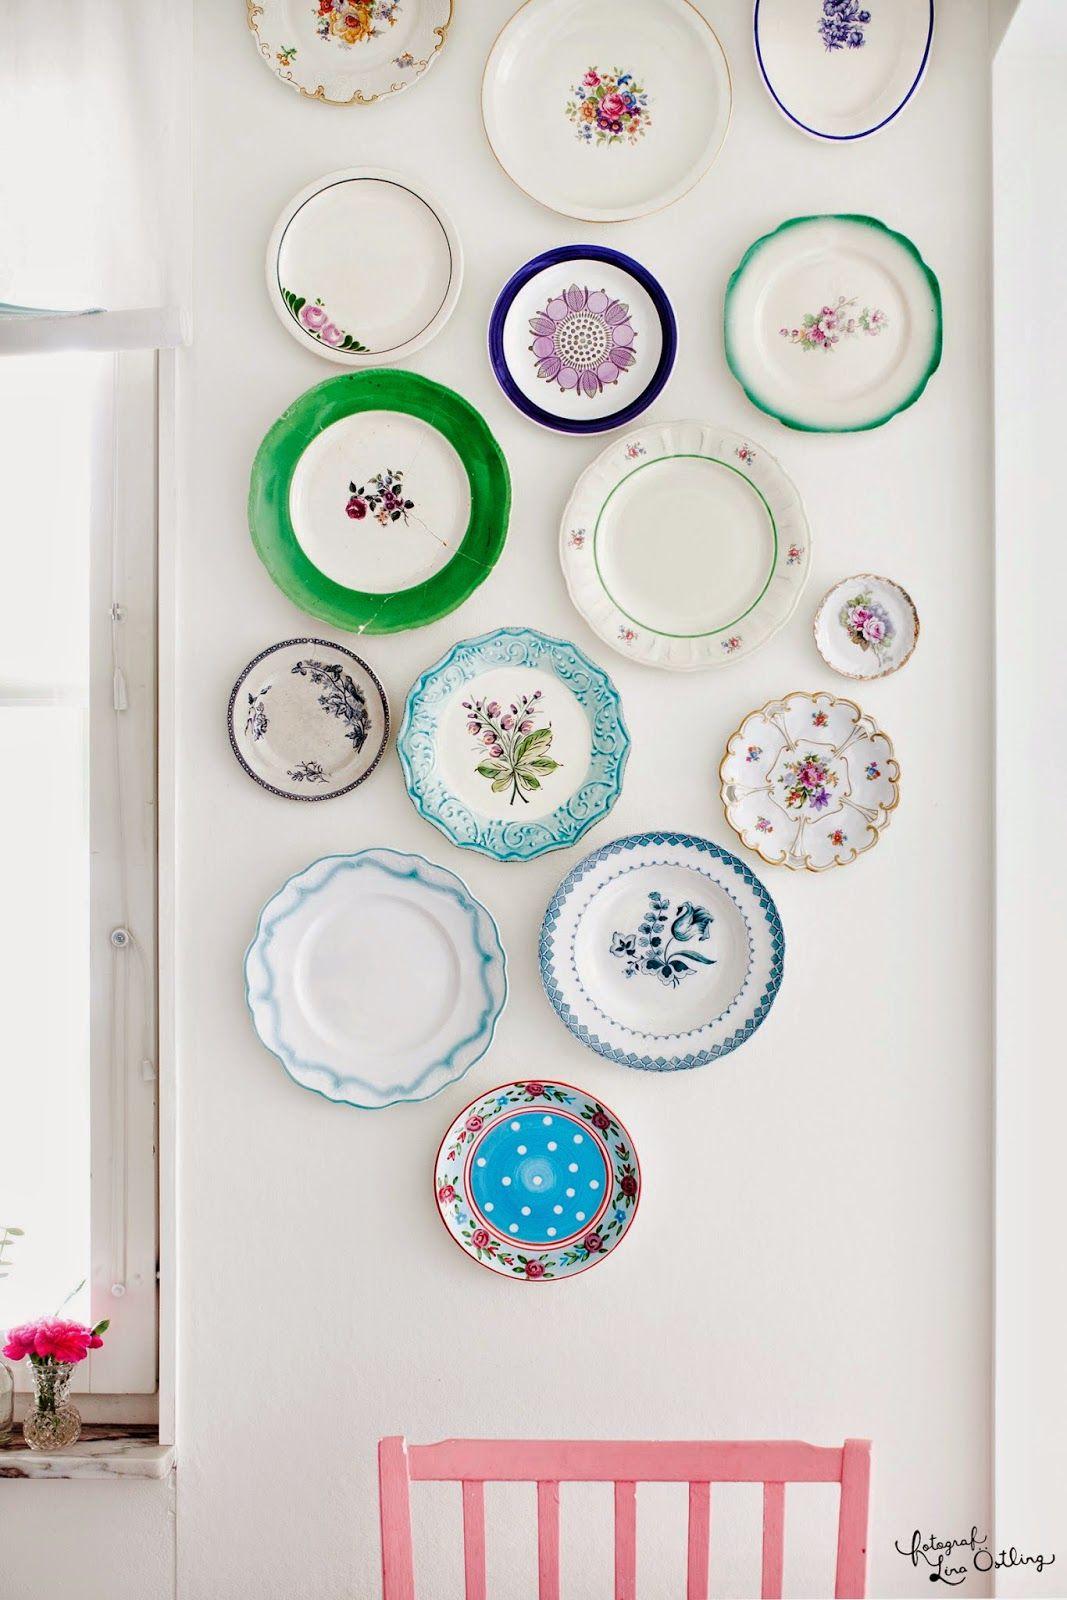 Des Assiettes Collectionner Nombreuses Et Disposer Au Mur  # Rangements Assietes Modernes